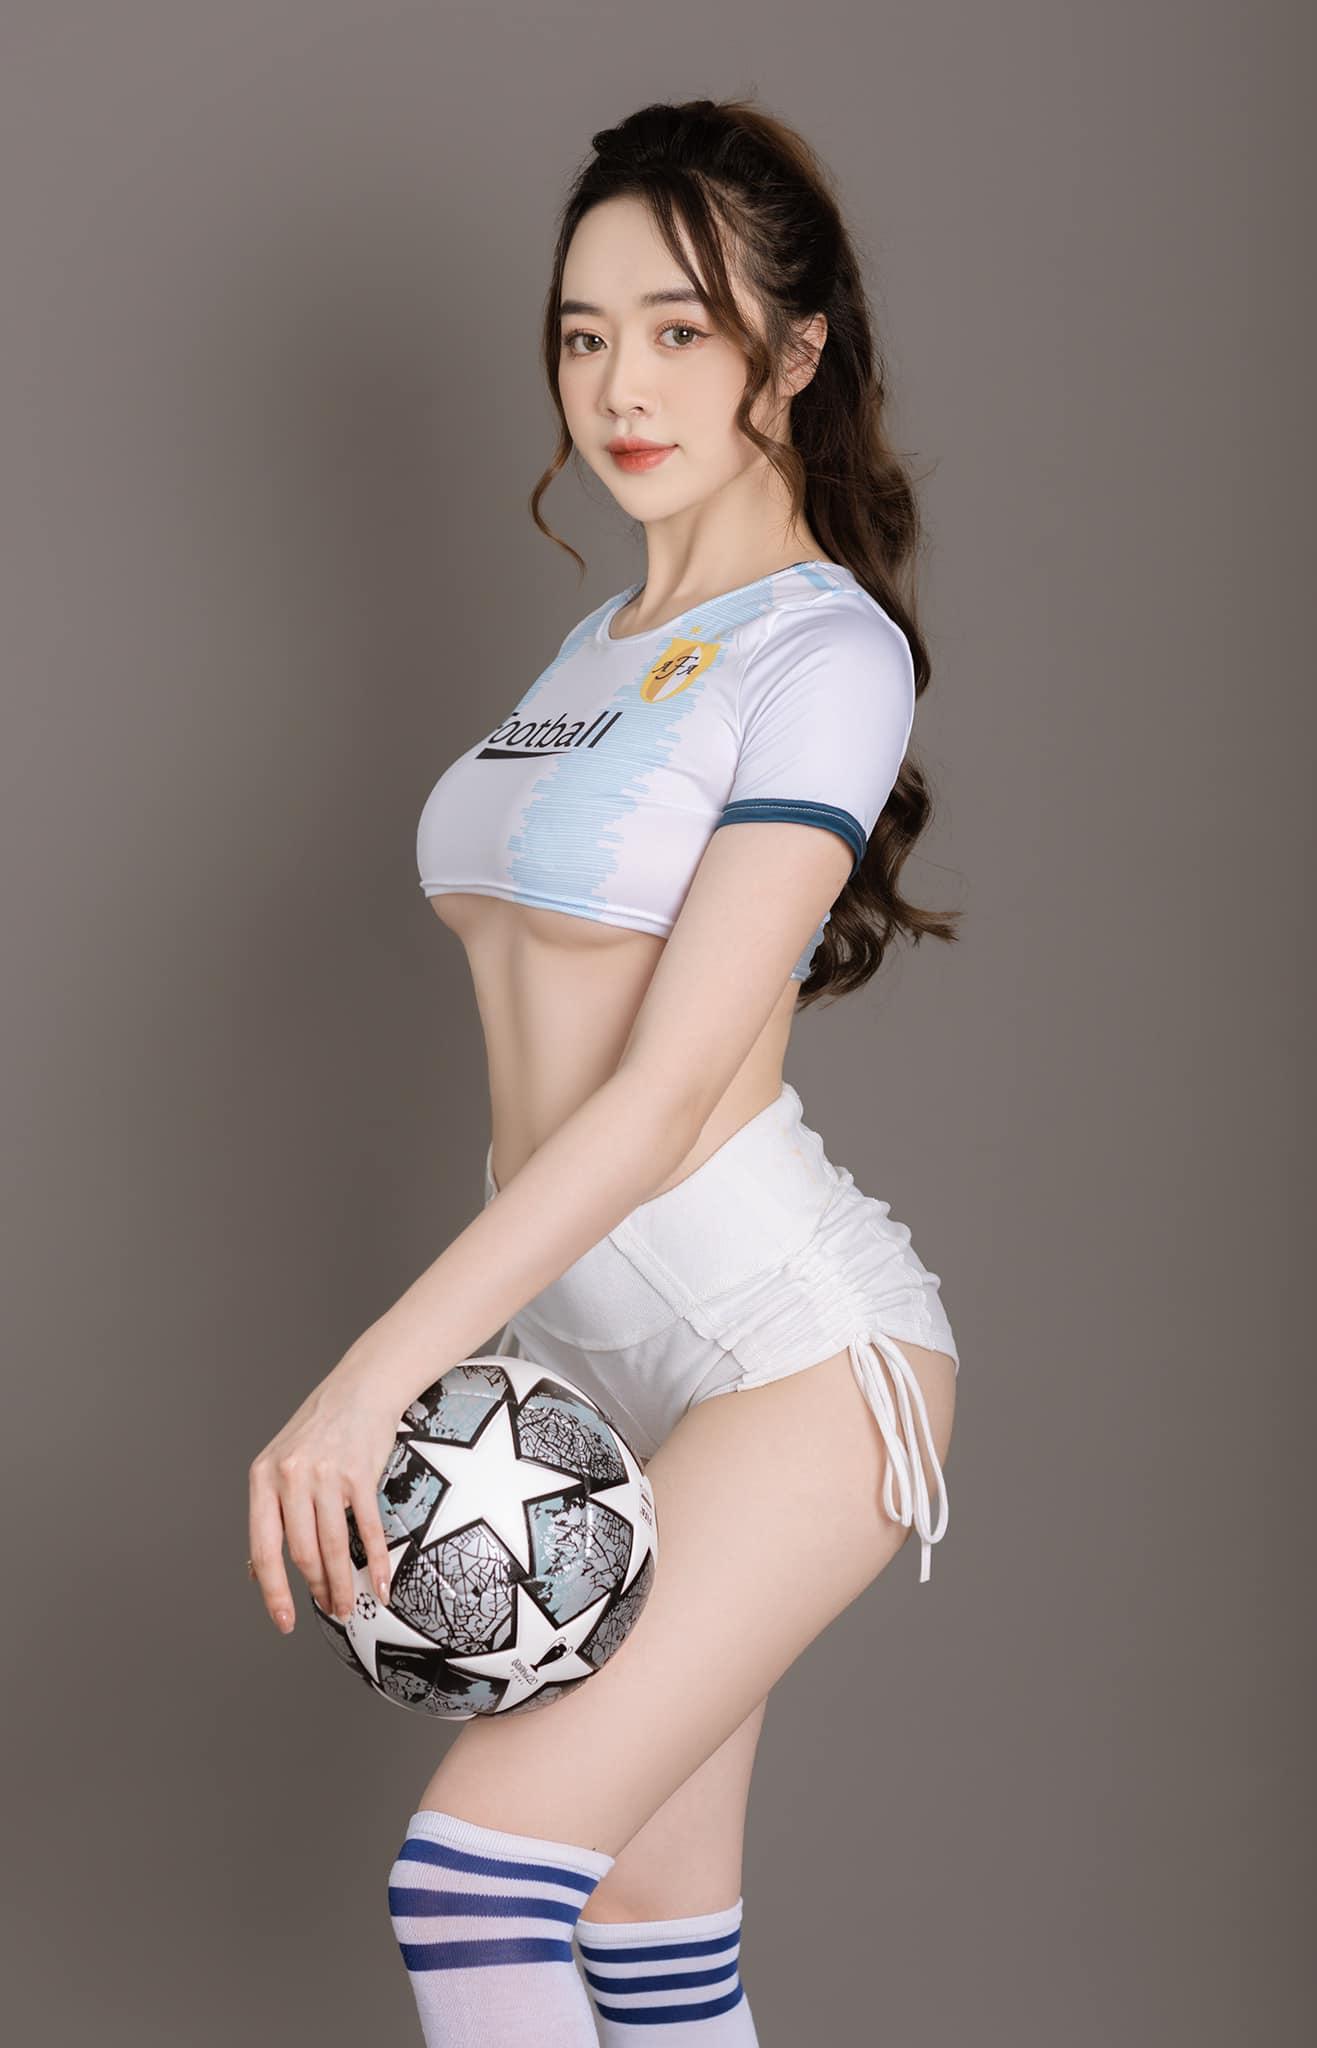 """Hot girl Quảng Ninh mặc trang phục ngắn ủng hộ Euro, nóng bỏng hơn cả """"thánh nữ Mì Gõ"""""""